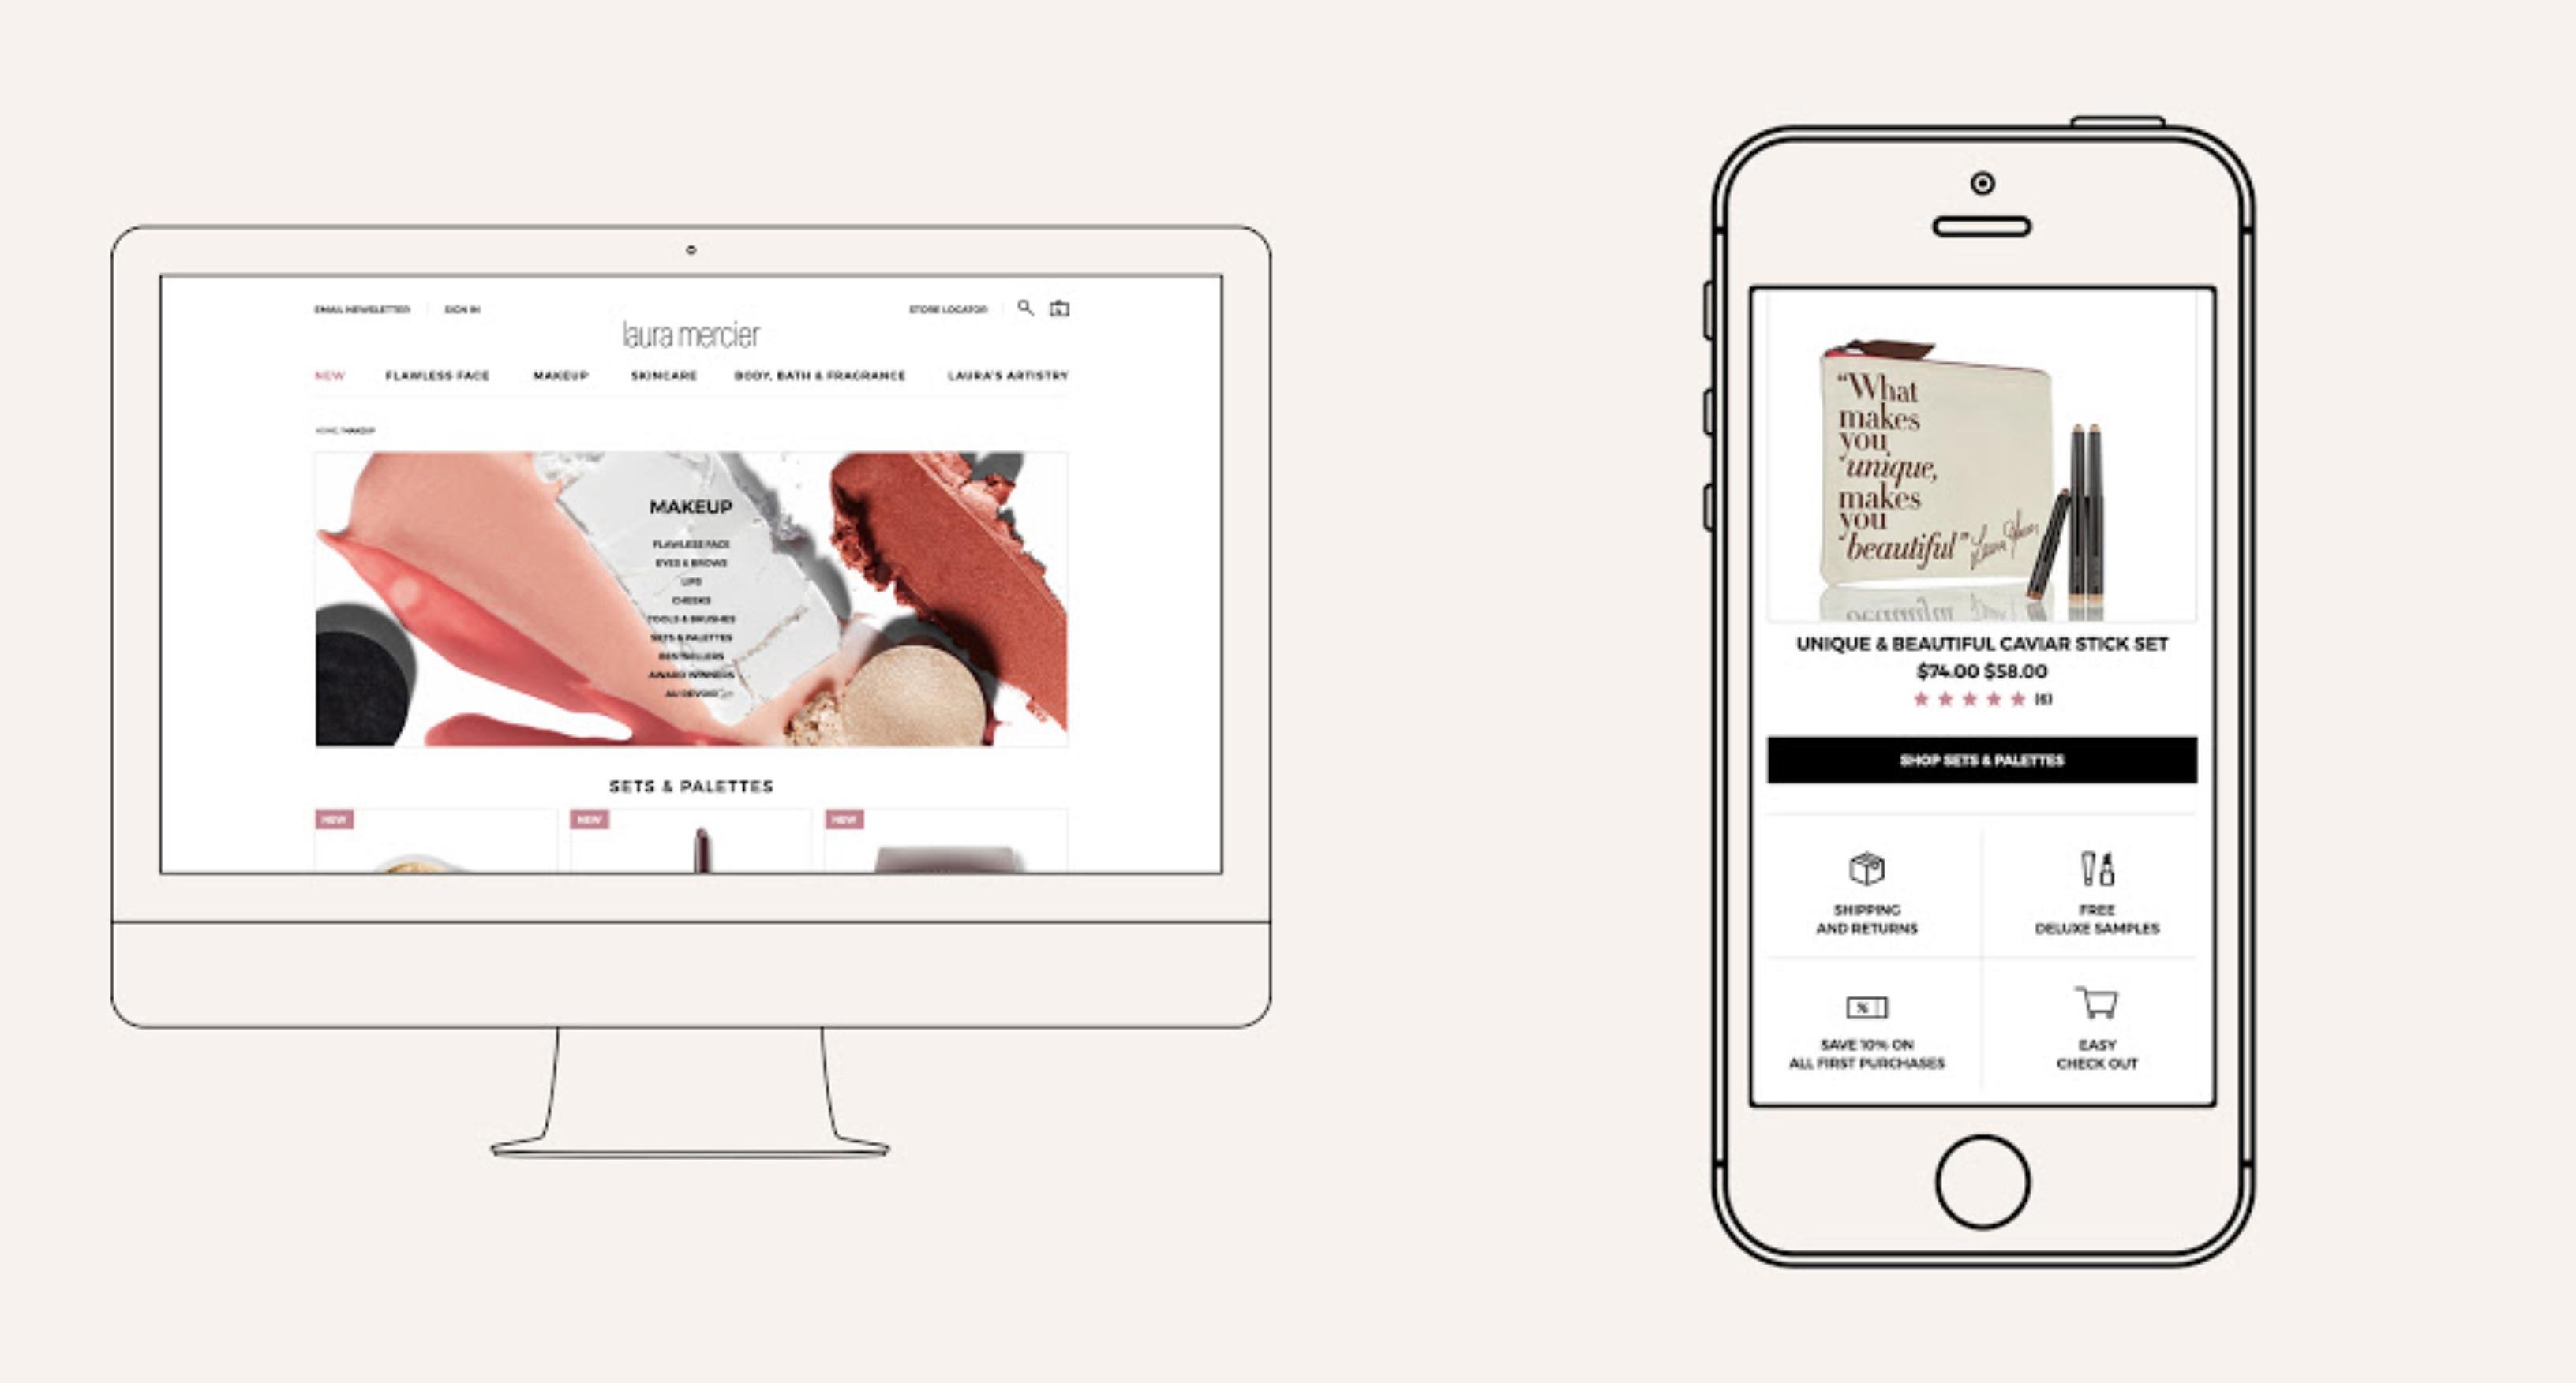 Marca de cosméticos francesa, Laura Mercier anuncia e-commerce no Brasil